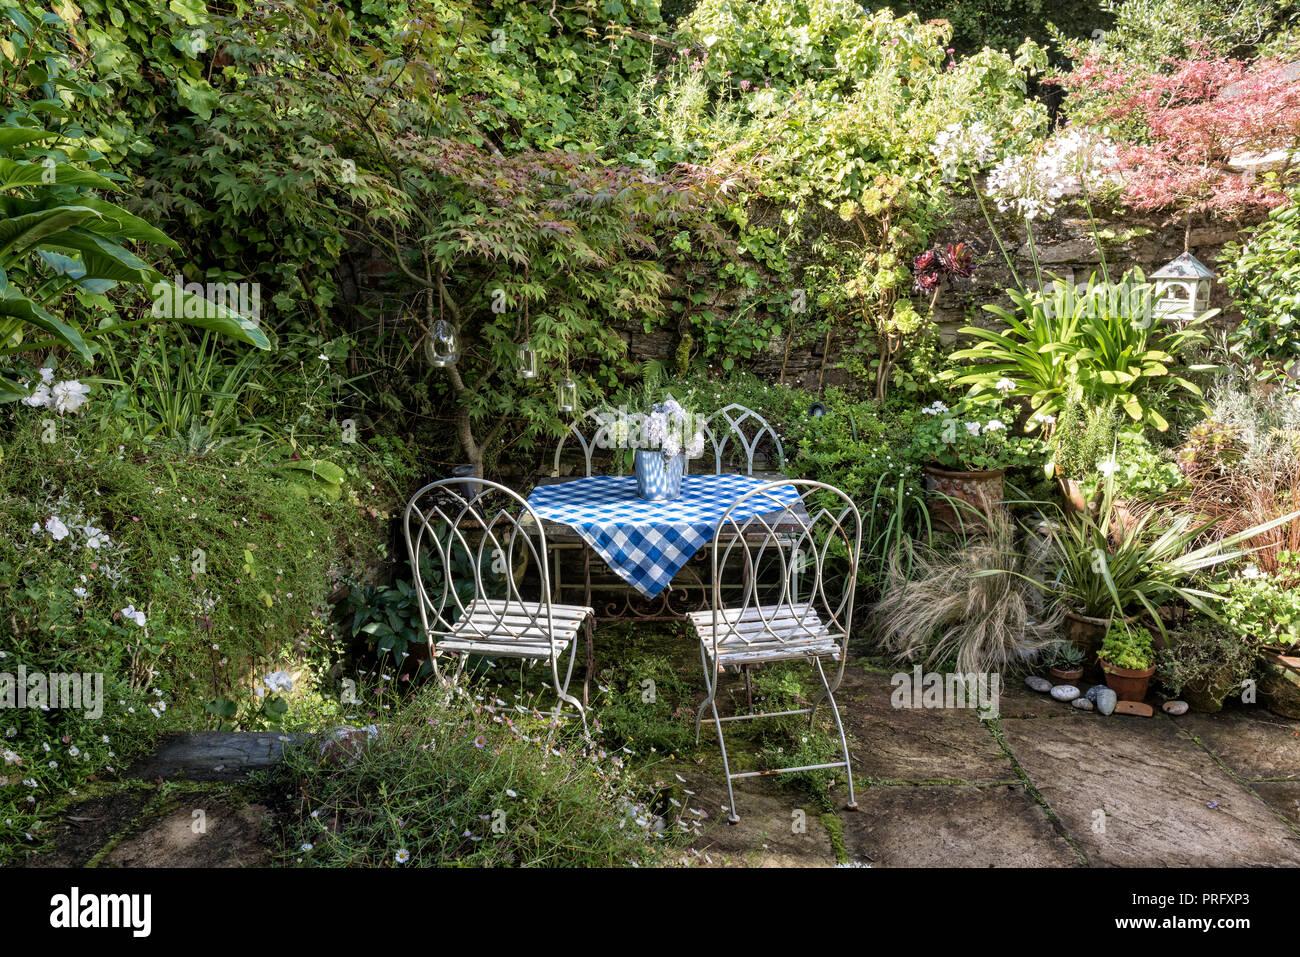 White mobili da giardino con blu tovaglia controllati, Devon Immagini Stock